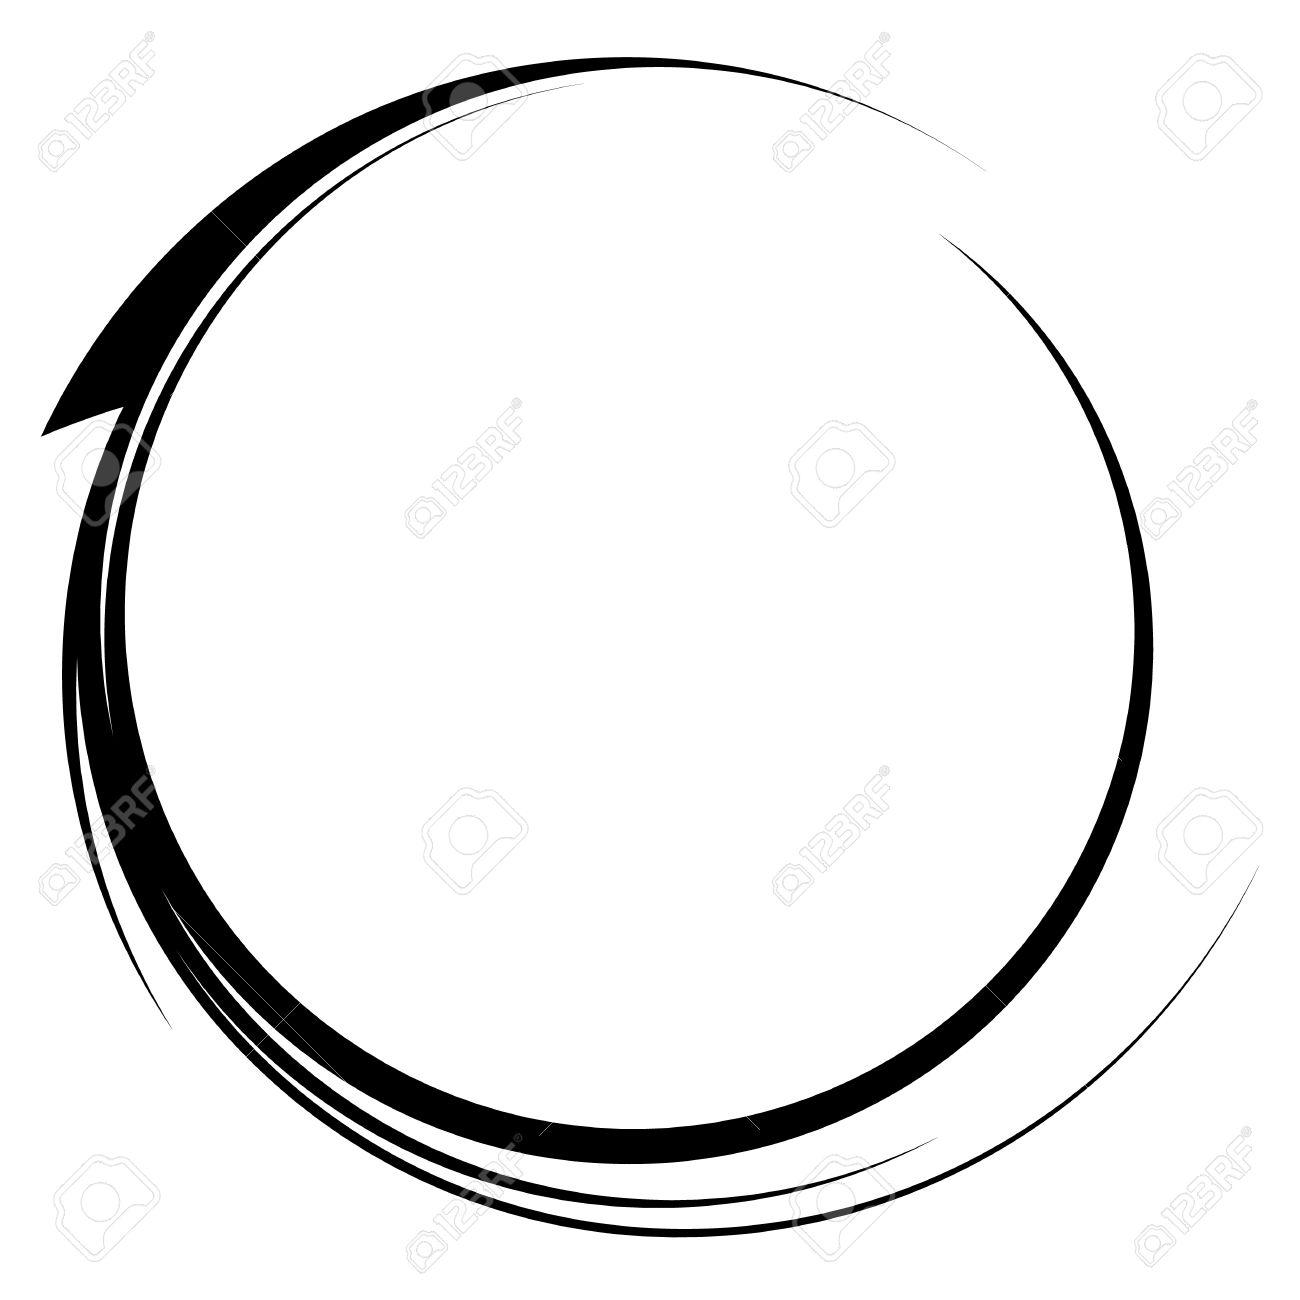 Círculo Con Marco Dinámico Línea Swoosh. Elemento Circular Monocromo ...